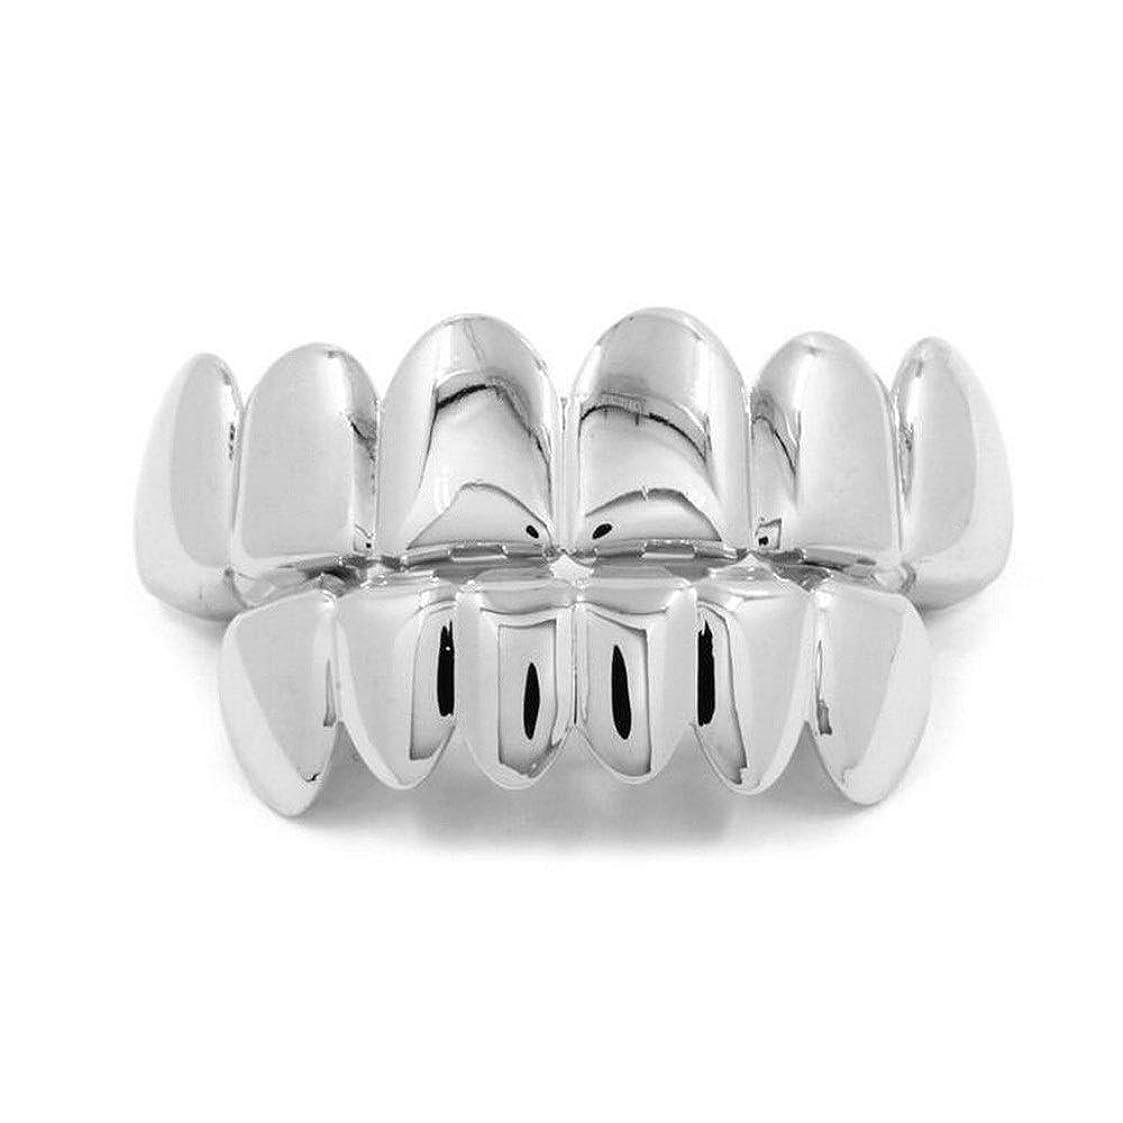 信条効率処方ヨーロッパ系アメリカ人INS最もホットなヒップホップの歯キャップ、ゴールド&ブラック&シルバー歯ブレースゴールドプレート口の歯 (Color : Silver)